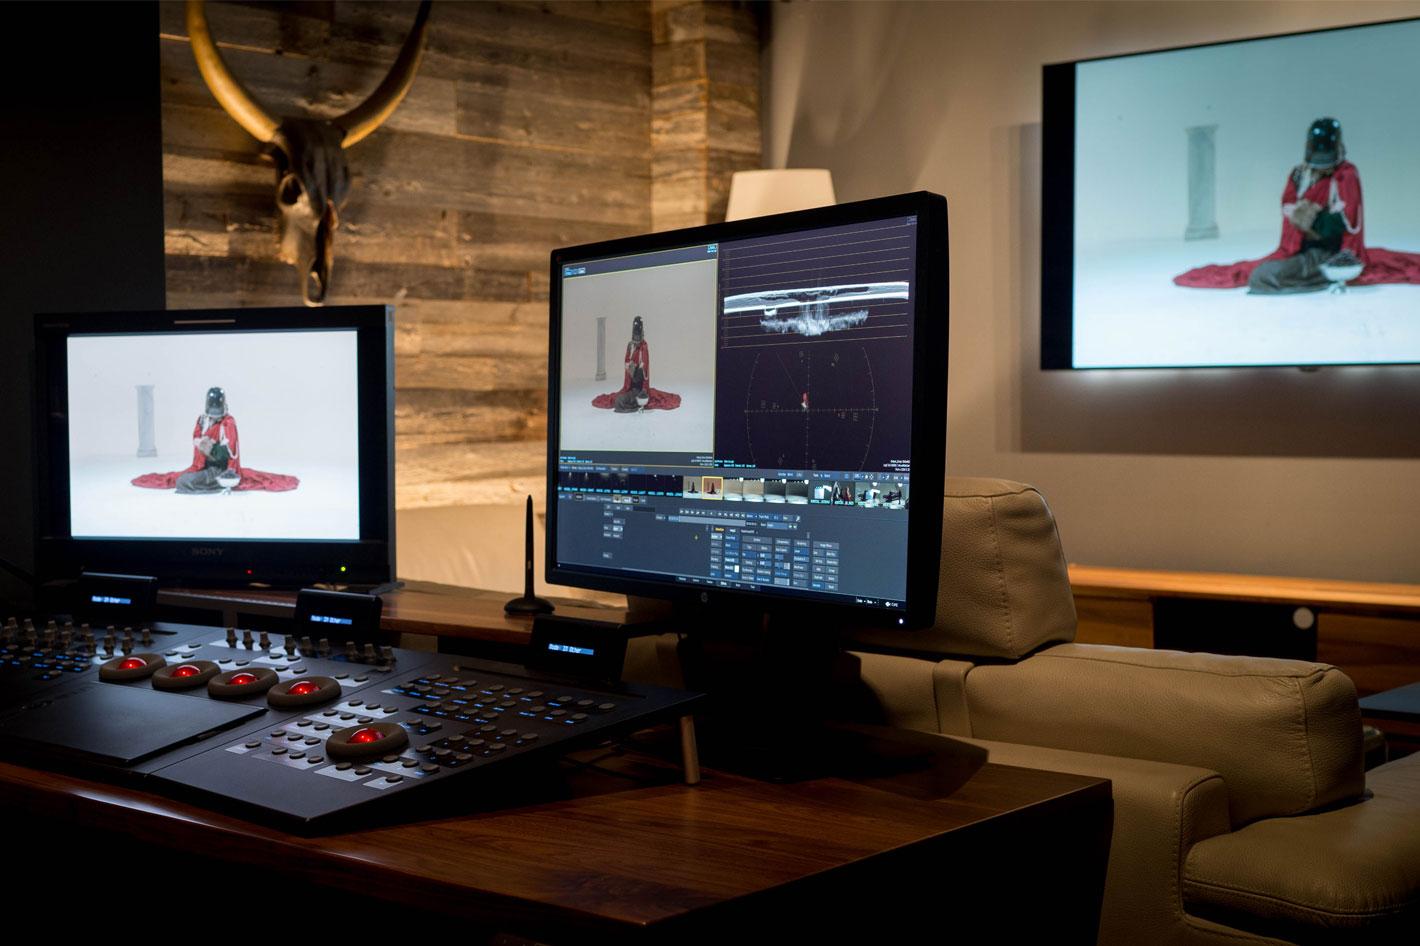 La actualización Flame de Autodesk impulsa la colaboración creativa